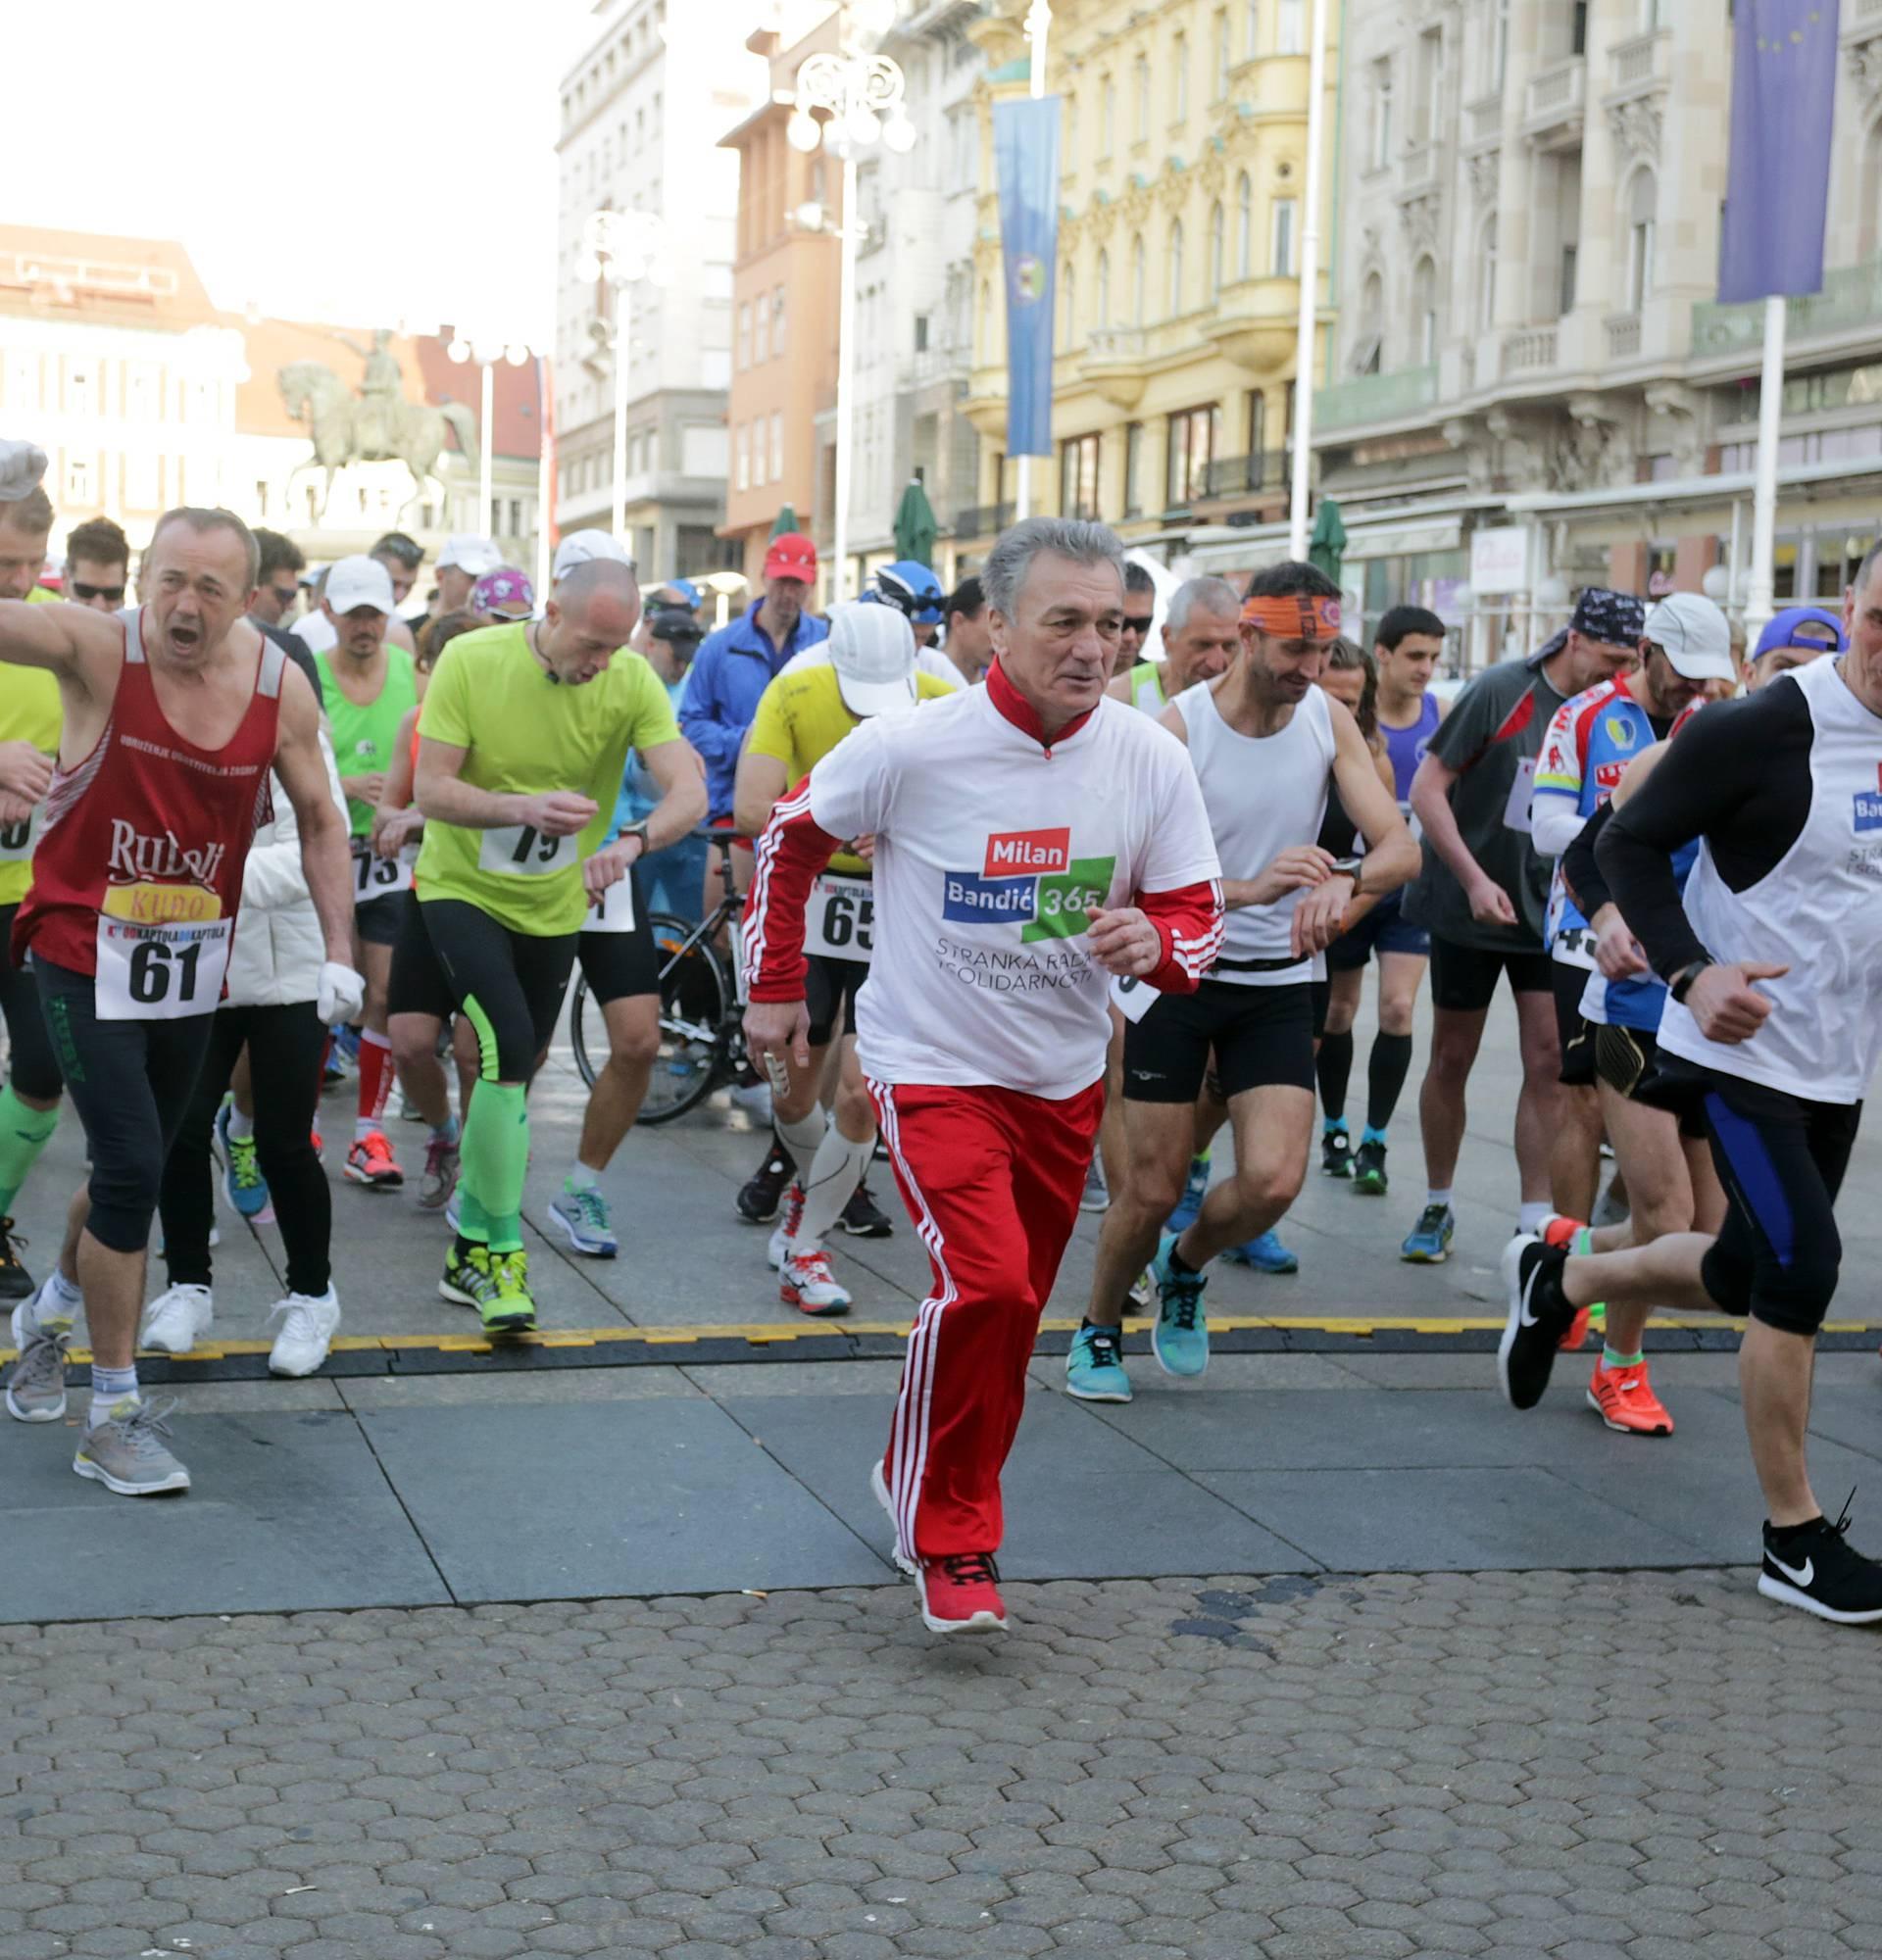 Mađar Peter Steib osvojio je našu najdužu cestovnu utrku